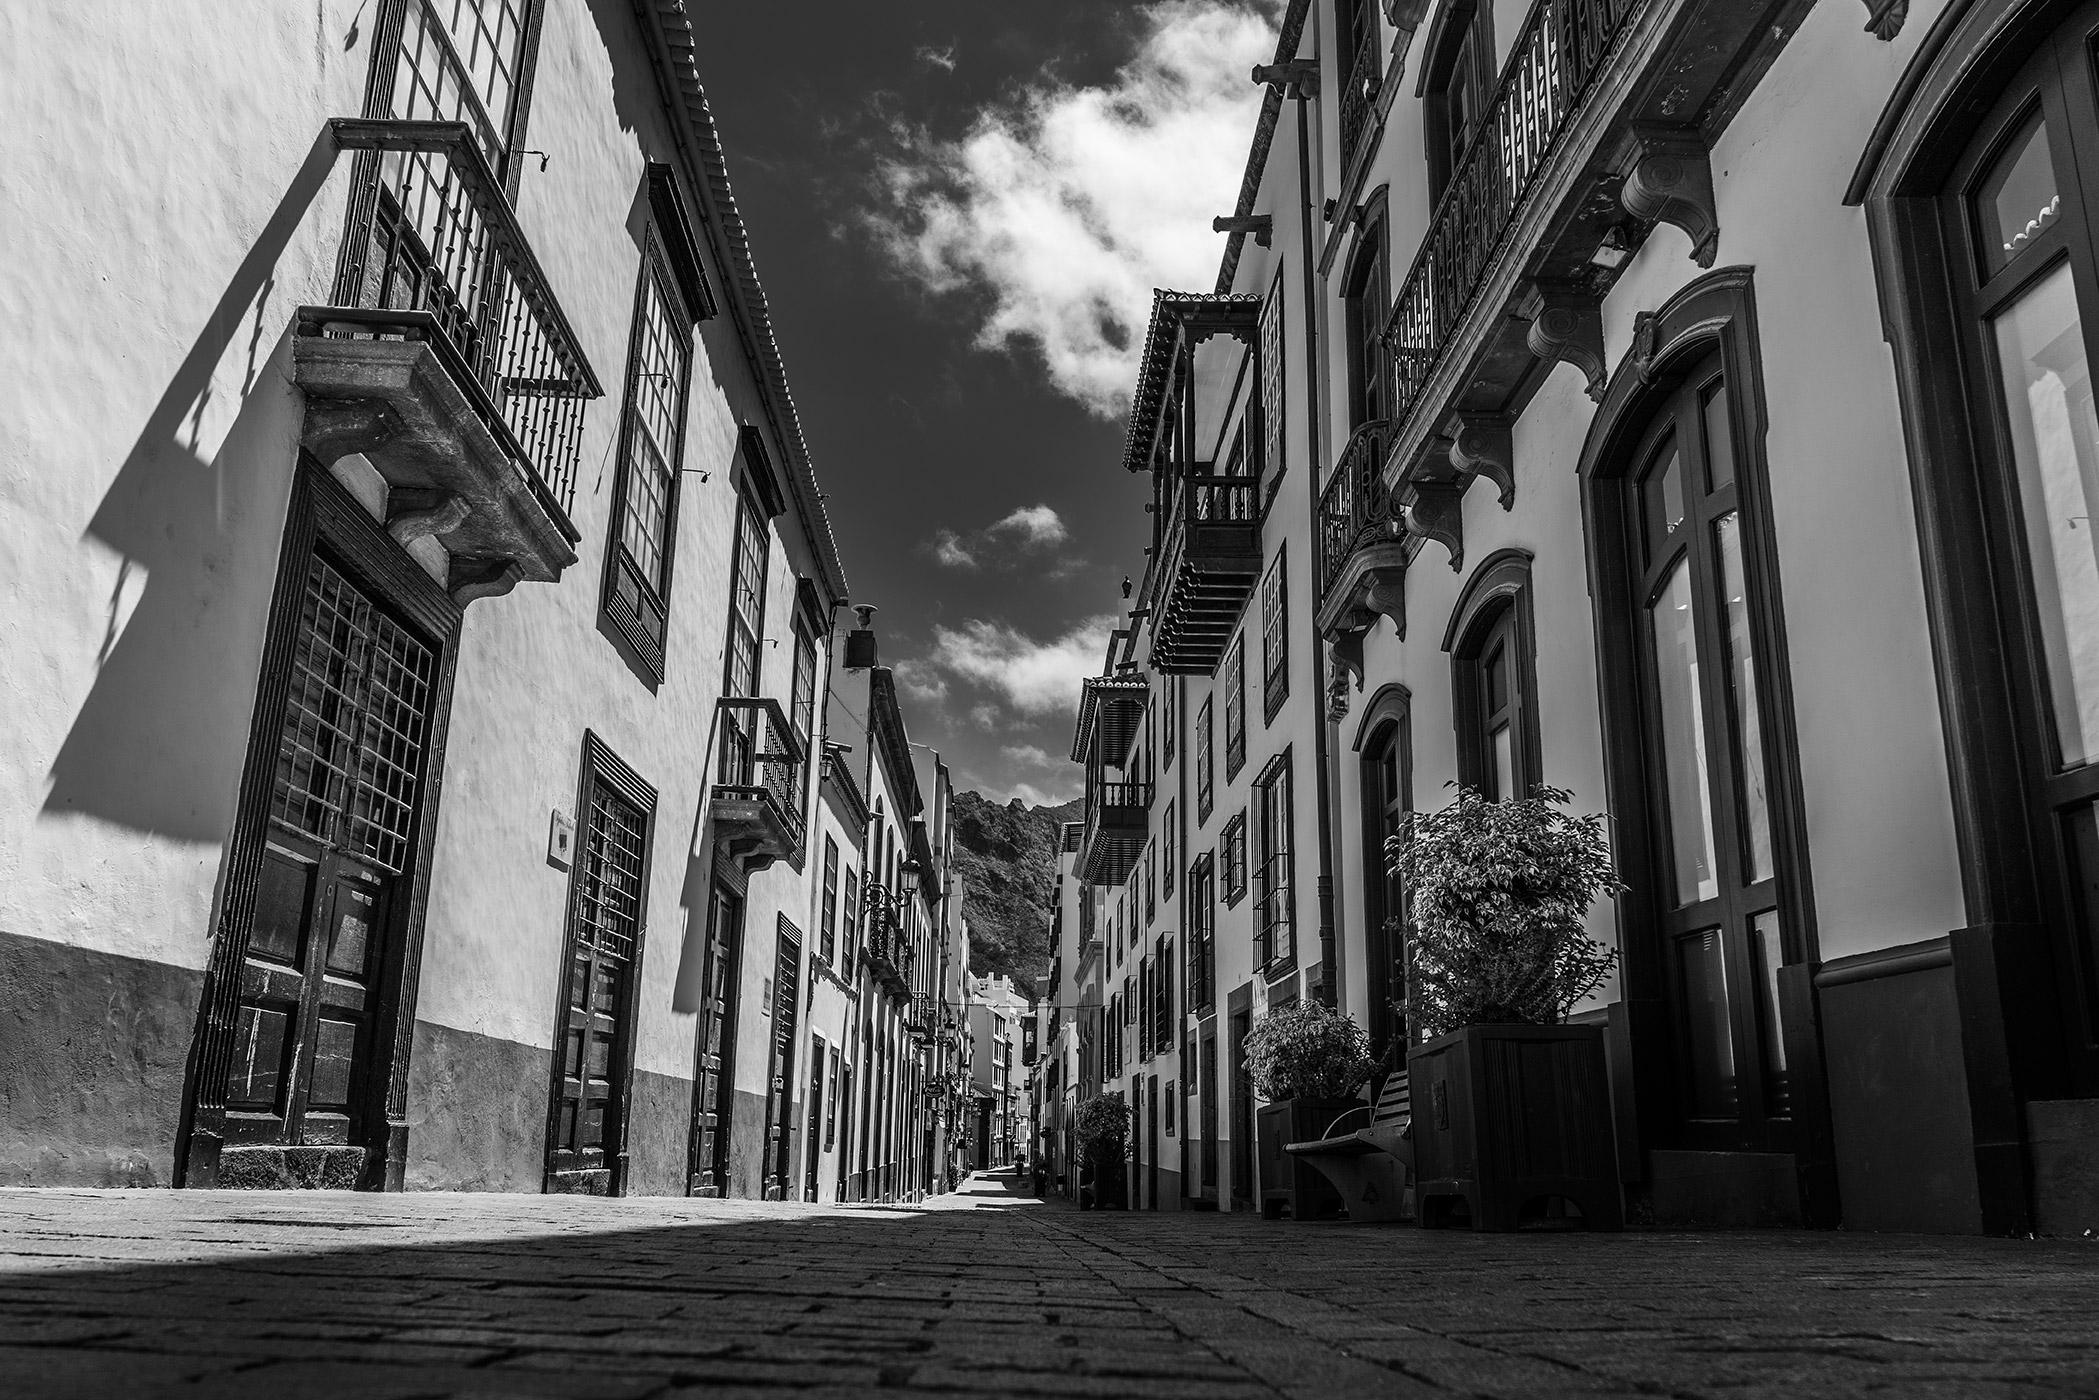 Las calles se vaciaron y reinó el silencio